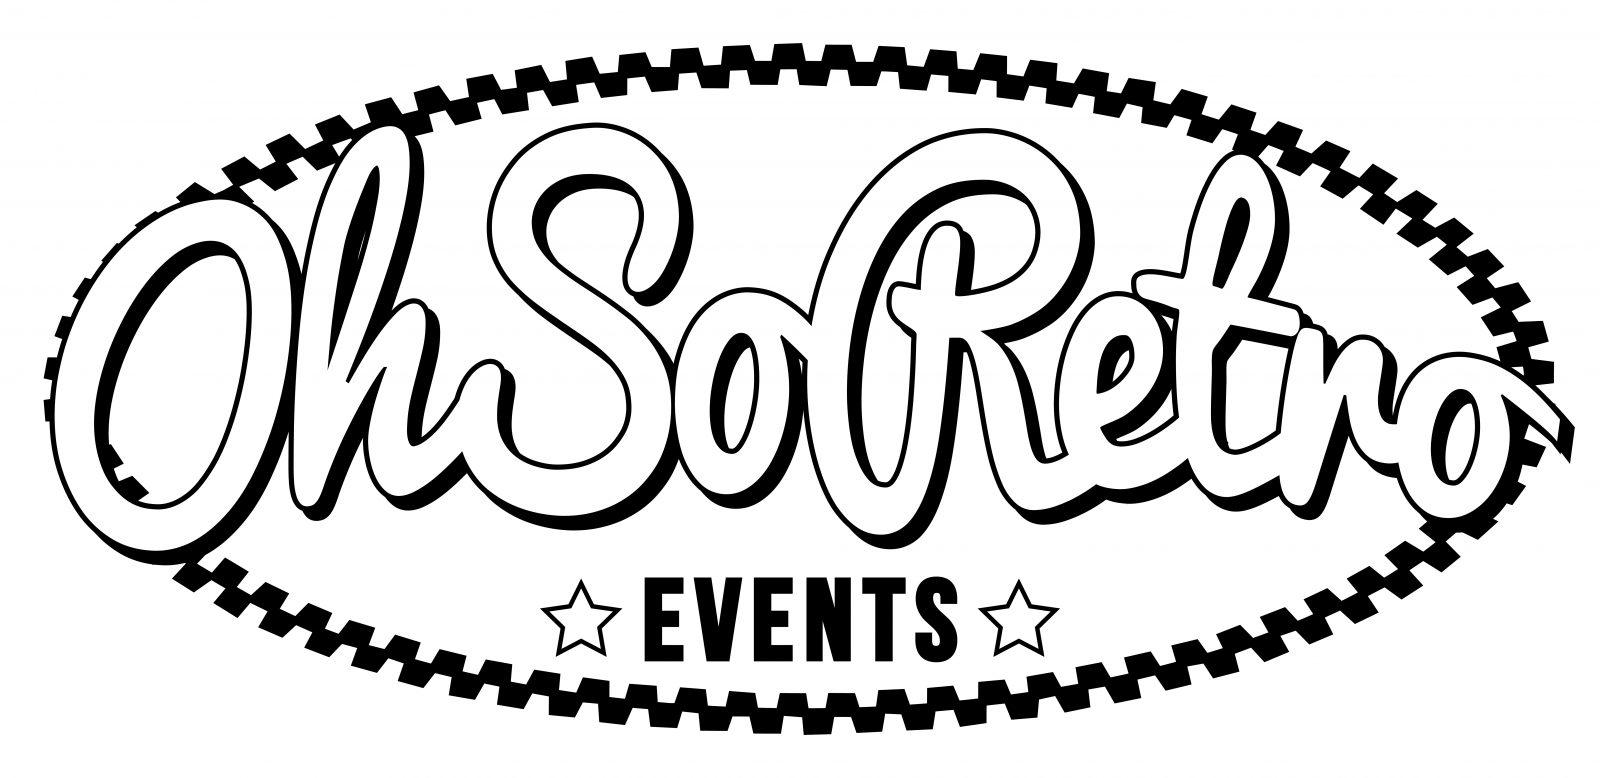 OhSoRetro Events